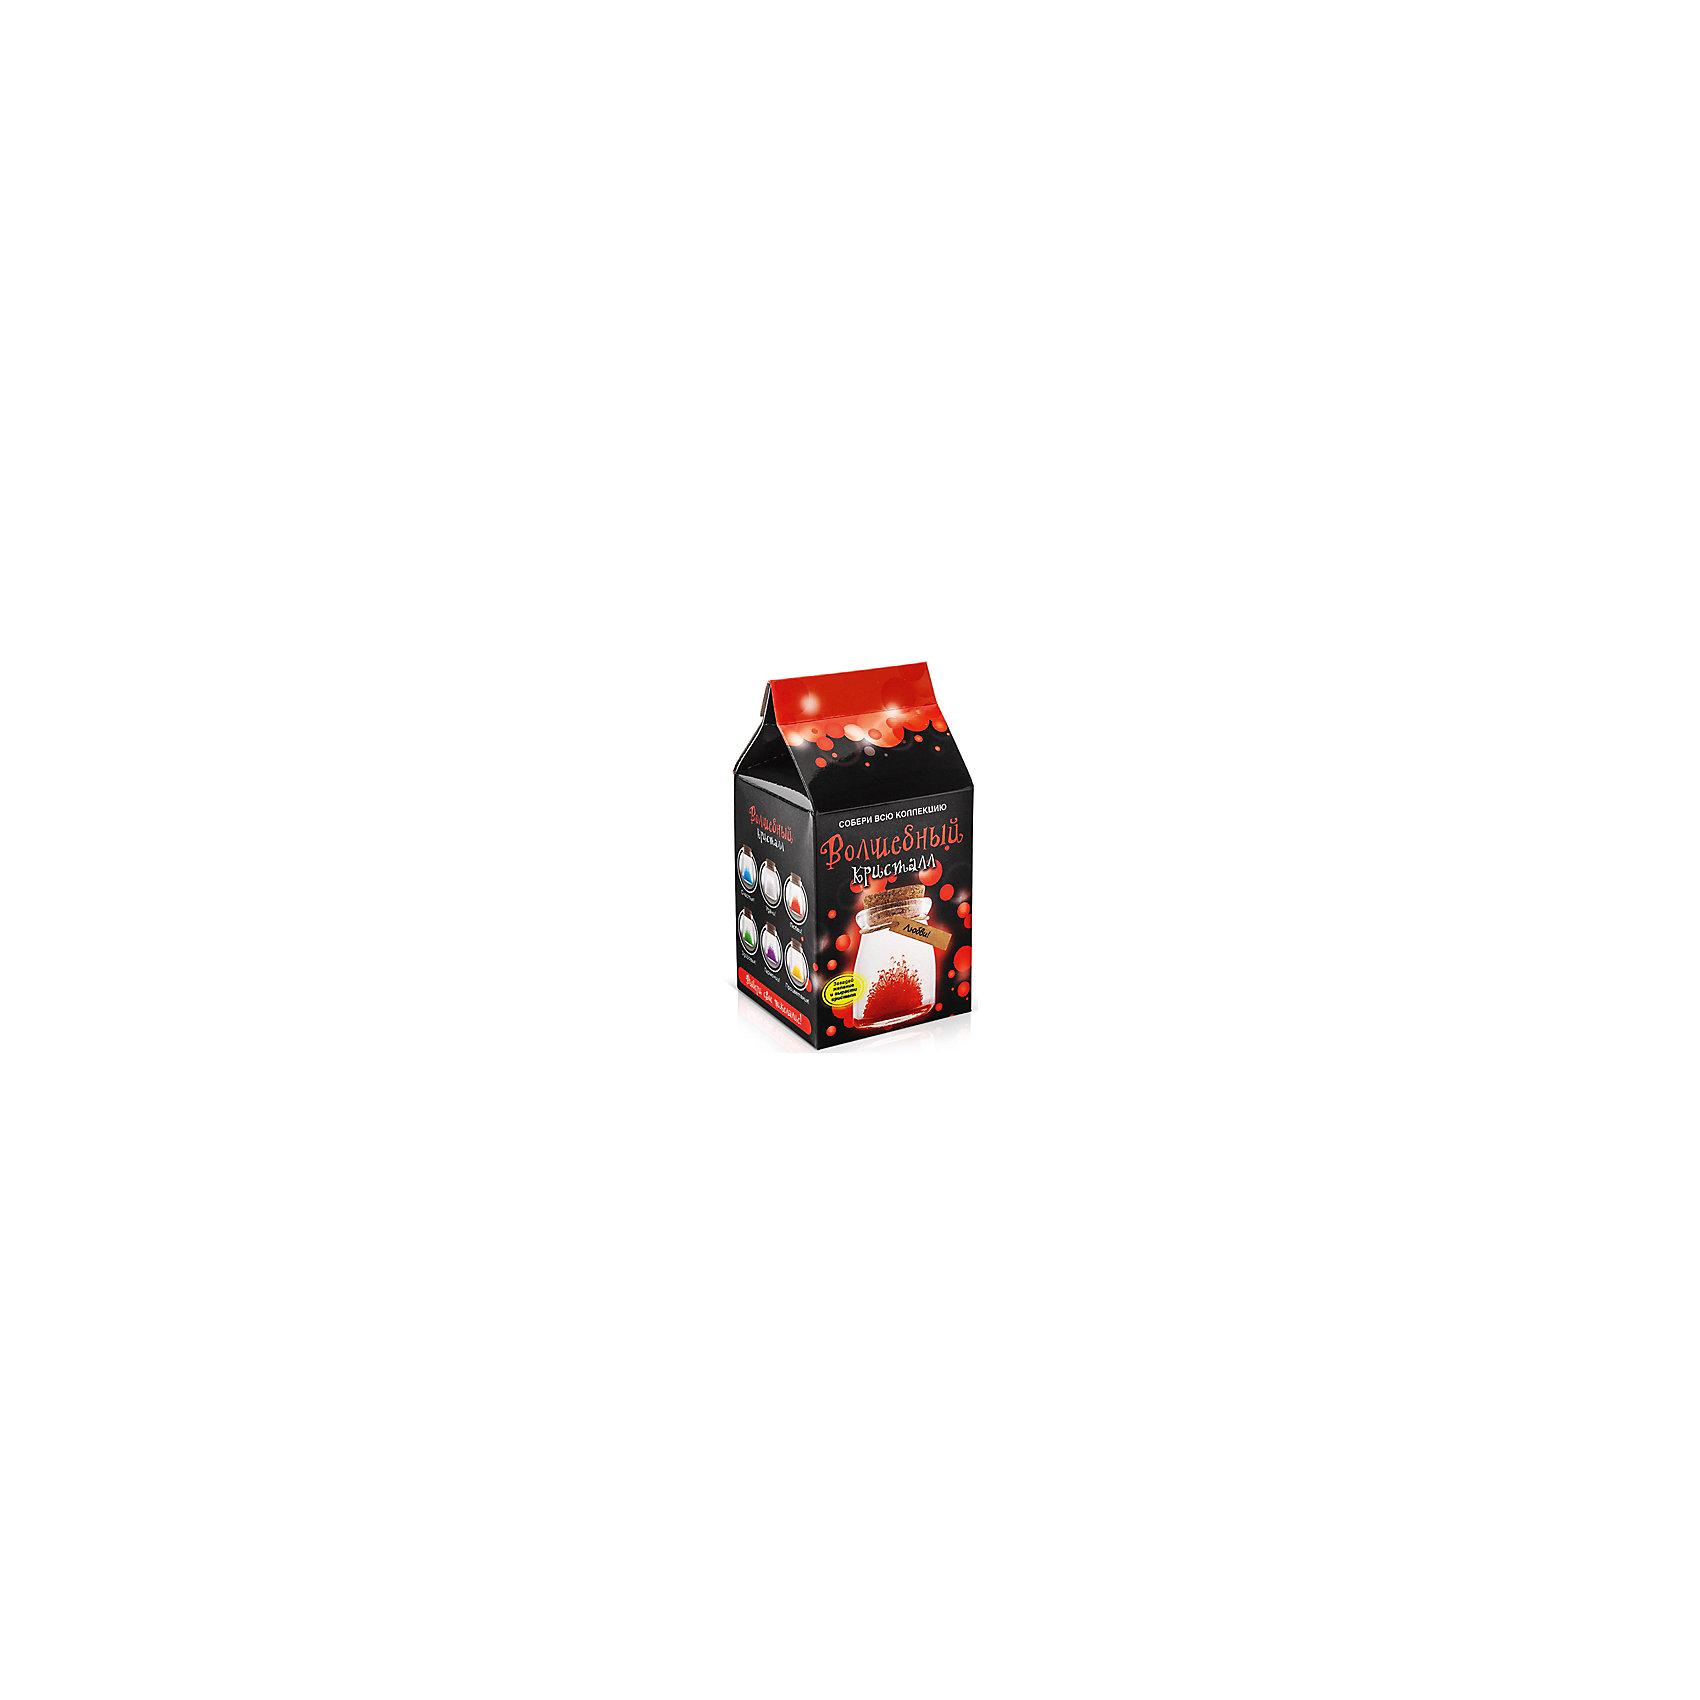 Набор для выращивания кристаллов Кристалл с пожеланием Любви БумбарамКристалл с пожеланием Любви, Бумбарам.<br><br>Характеристики:<br><br>• кристалл в красивой подарочной упаковке<br>• этикетка с пожеланием<br>• легко создать<br>• безопасные материалы<br>• пошаговая инструкция<br>• в наборе: баночка, кристаллический порошок, кристаллическая таблетка, палочка, веревочка, пробка, карточка, инструкция<br>• размер упаковки: 15х8 см<br>• вес: 250 грамм<br>• цвет: красный<br><br>Хотите создать оригинальный подарок своими руками? Кристалл с пожеланием Любви отлично справится с этой задачей. Этот набор безопасен и очень прост в использовании. Всыпьте порошок в баночку, добавьте воды, тщательно перемешайте и опустите в готовый раствор таблетку. Через 14 часов можно открыть крышку и уже через некоторое время прекрасная композиция будет готова. Вам останется только закрыть крышку и прикрепить веревочку с карточкой. Химический опыт закончен - прекрасный подарок готов!<br><br>Кристалл с пожеланием Любви, Бумбарам вы можете купить в нашем интернет-магазине.<br><br>Ширина мм: 75<br>Глубина мм: 75<br>Высота мм: 150<br>Вес г: 250<br>Возраст от месяцев: 168<br>Возраст до месяцев: 240<br>Пол: Унисекс<br>Возраст: Детский<br>SKU: 5053943